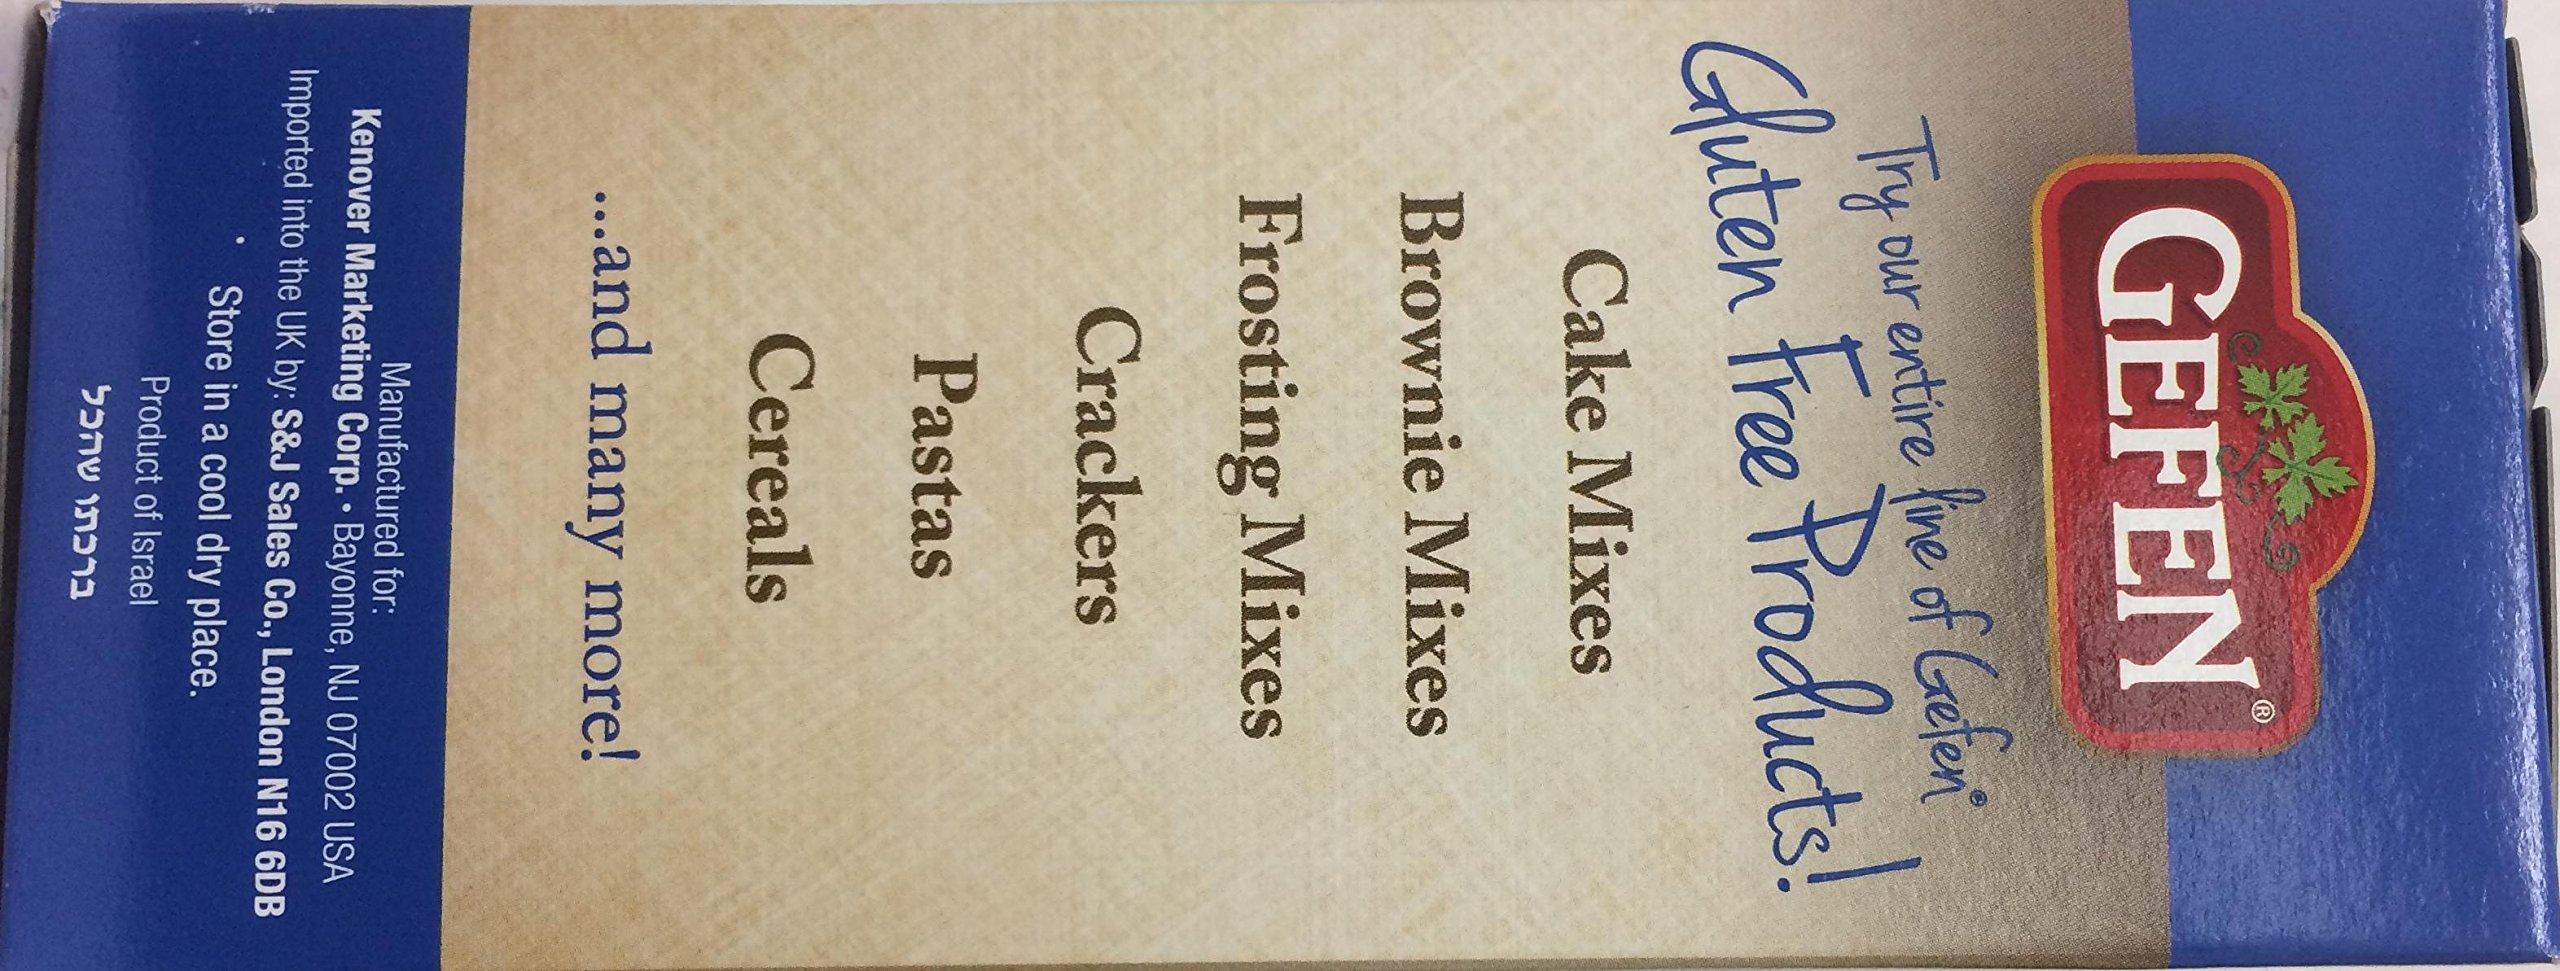 Gefen Vanilla Cookies Gluten Free Kosher For Passover 5.3 Oz. Pack Of 3. by Gefen (Image #1)